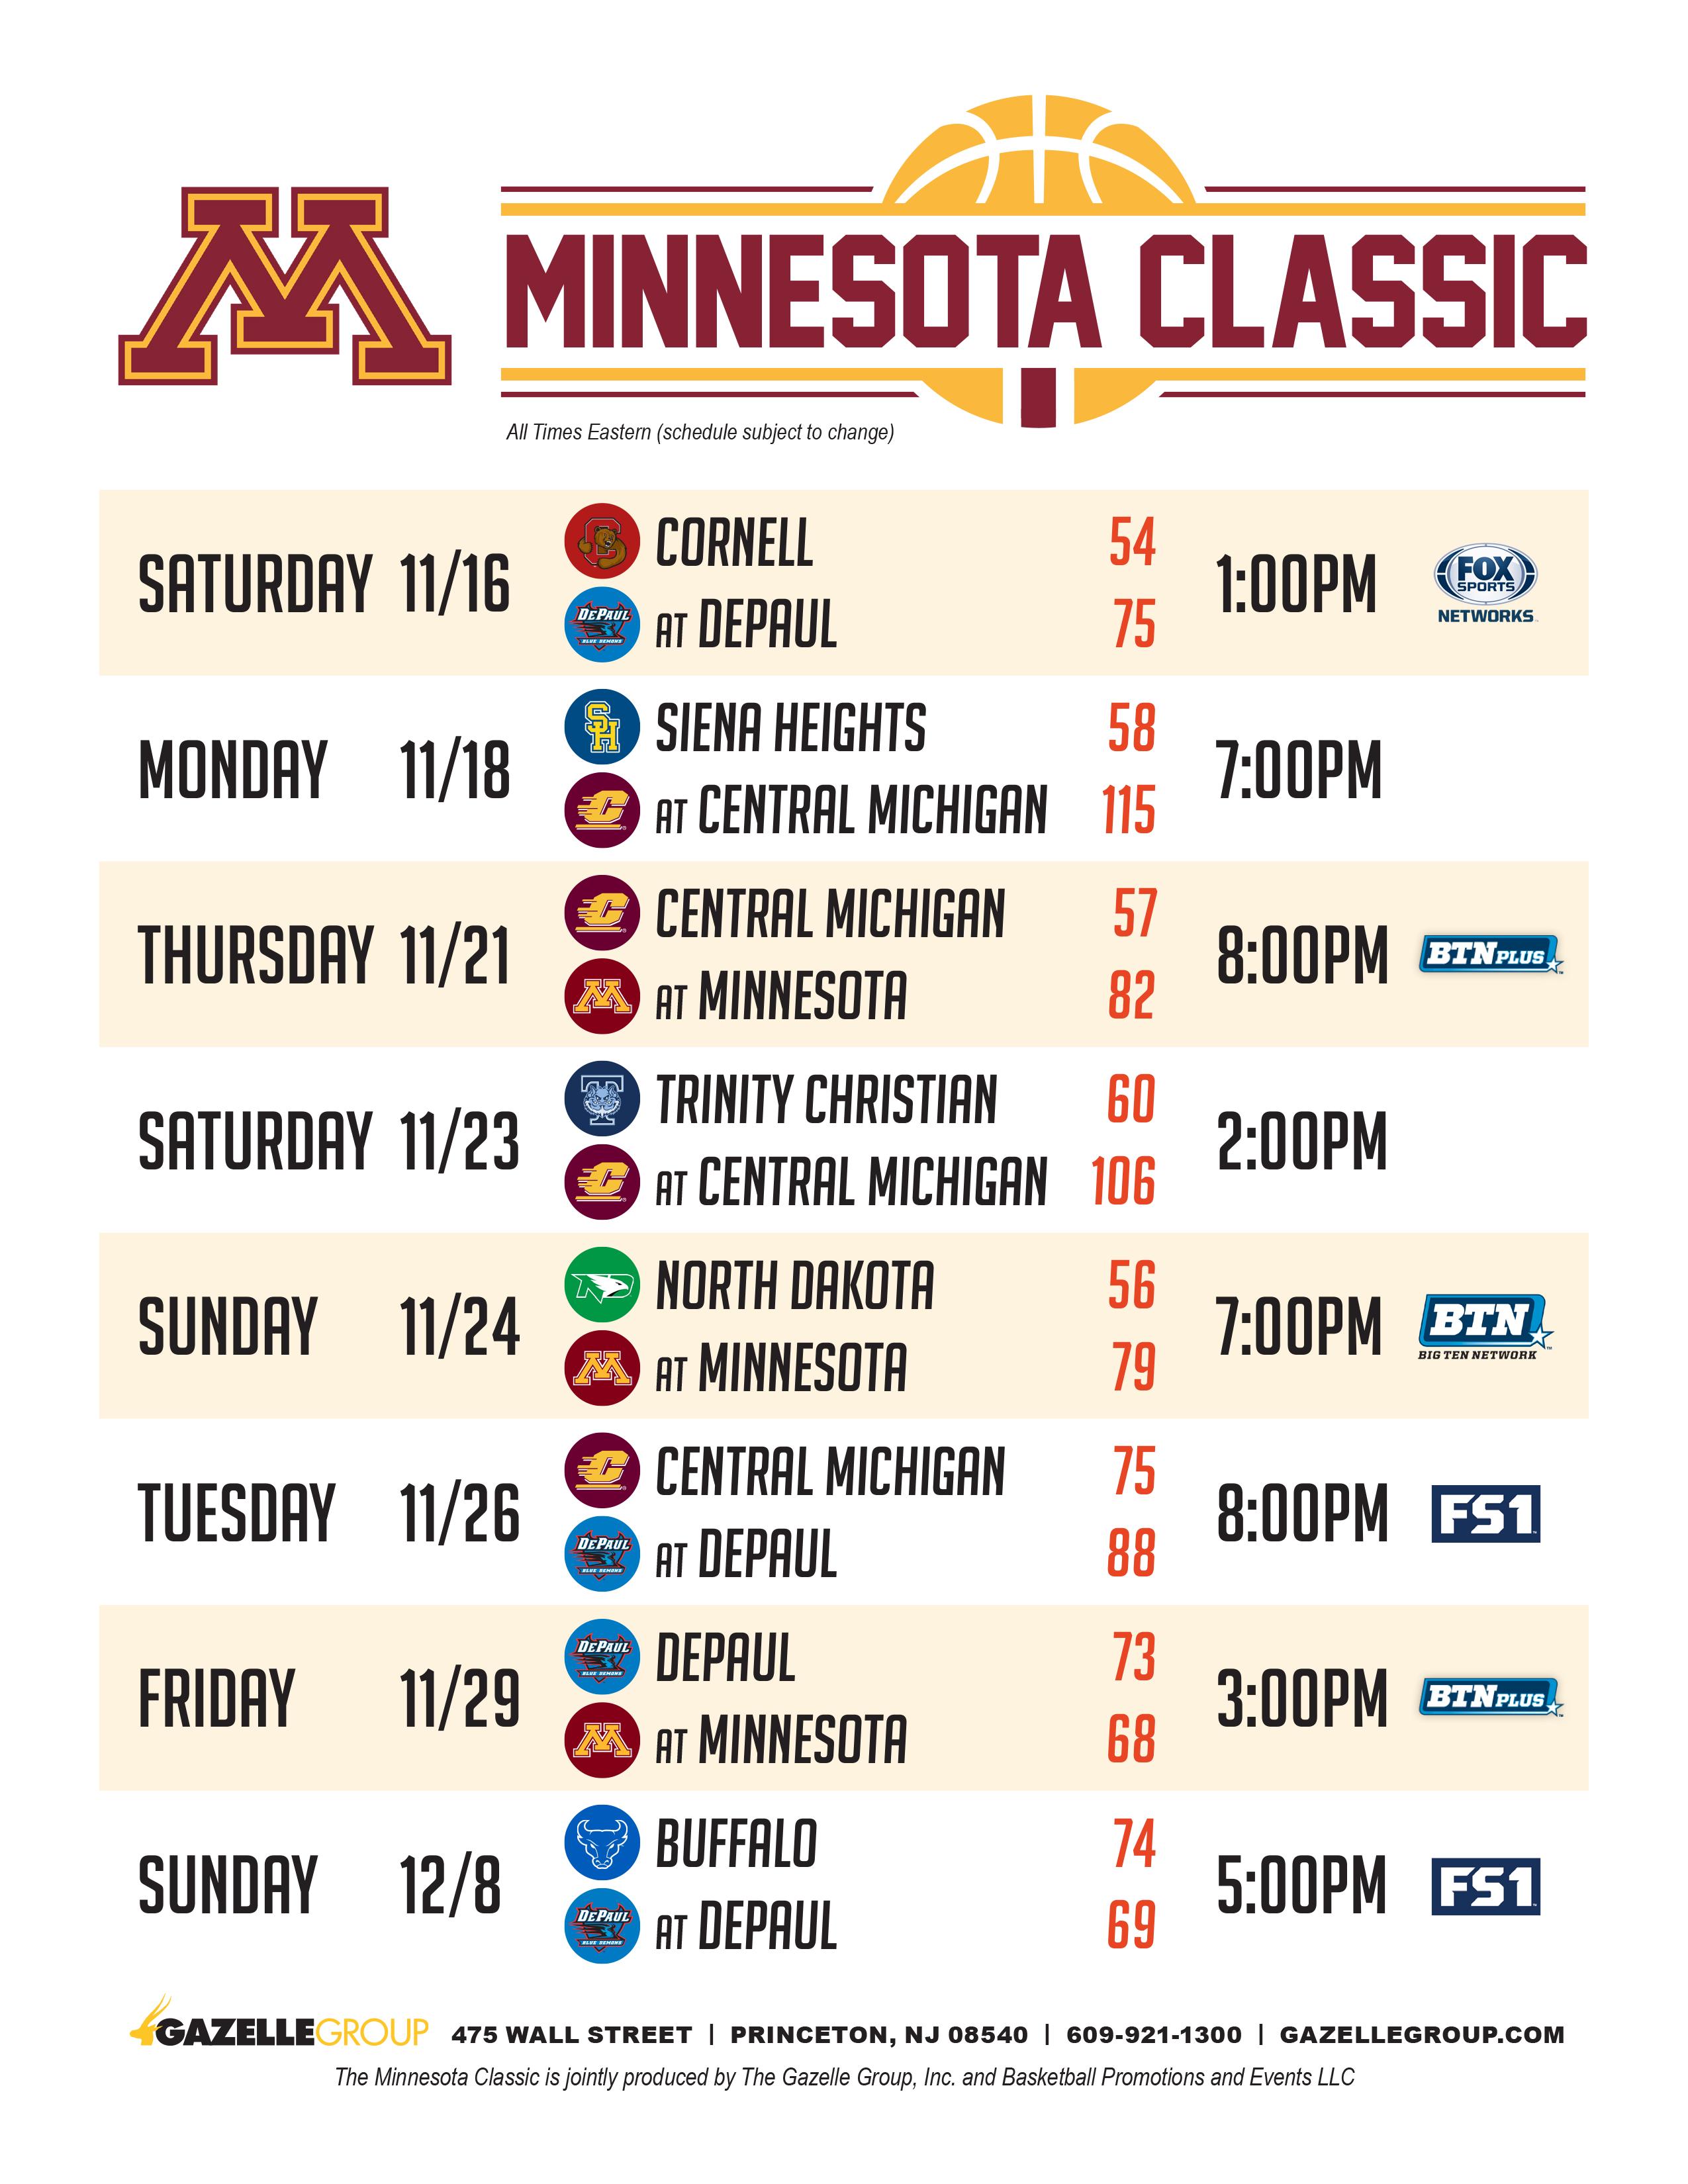 Minnesota Classic Schedule